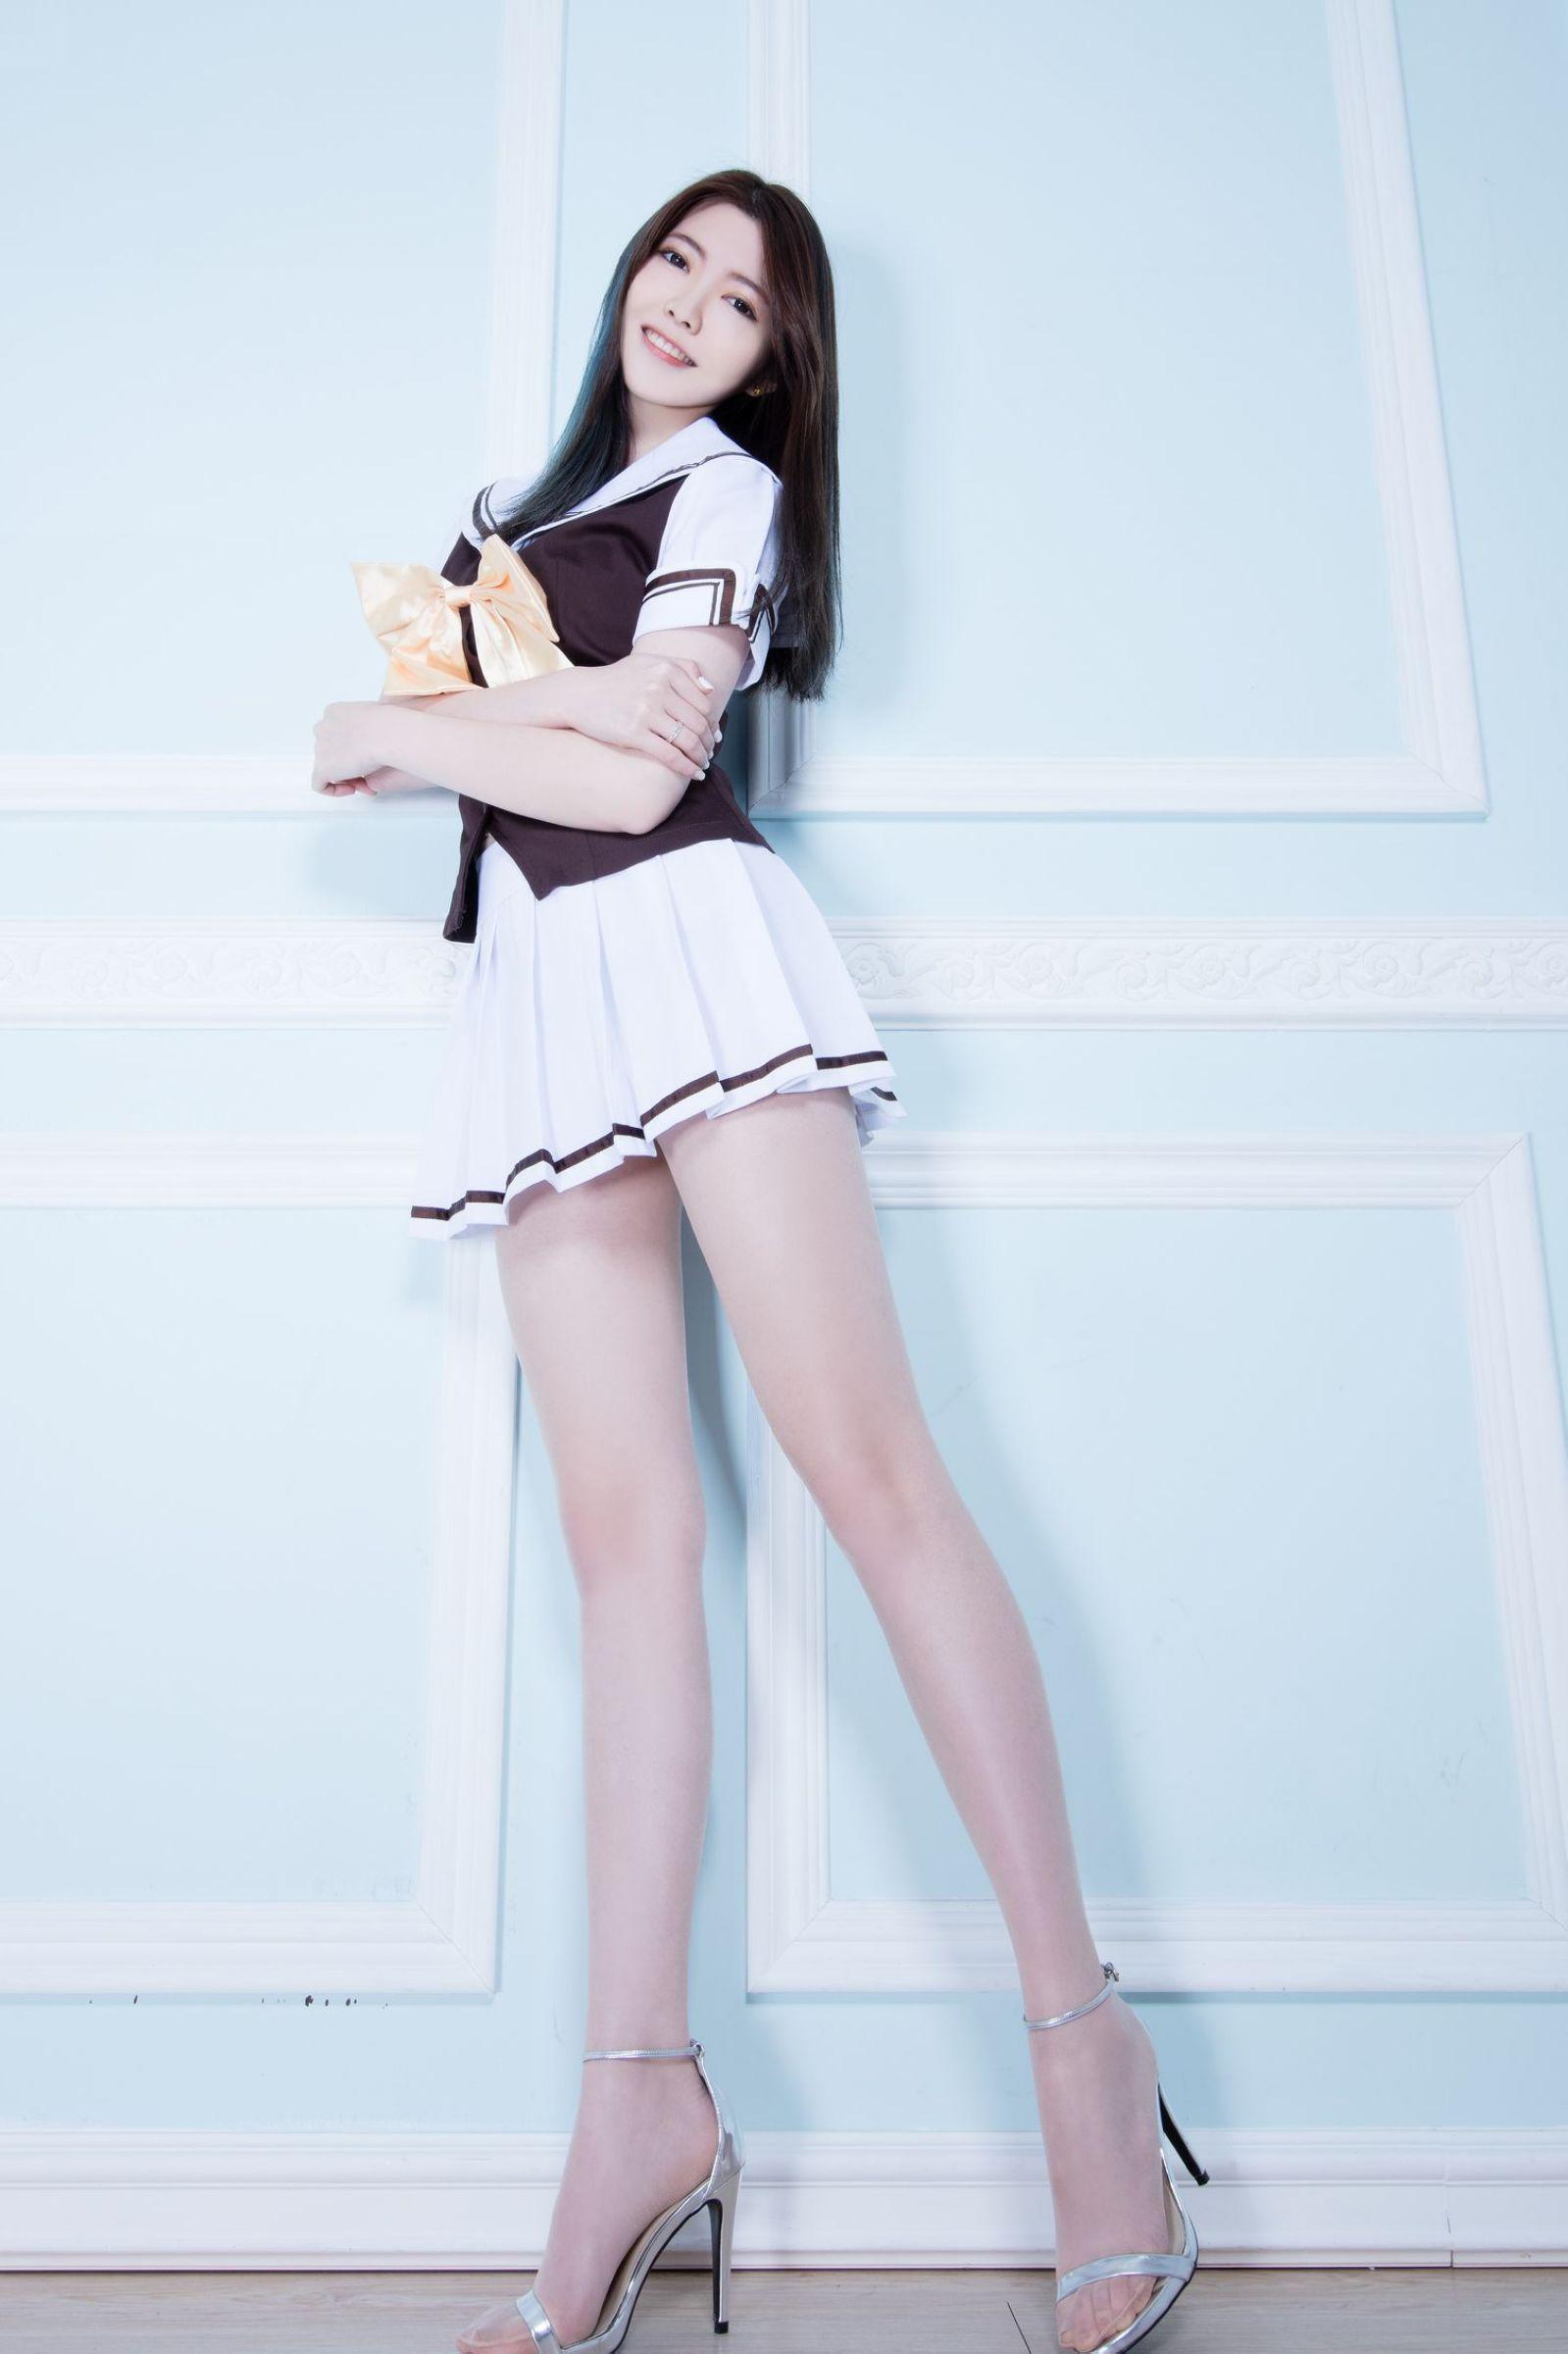 美女美腿秀Brindy2 - 花開有聲 - 花開有聲